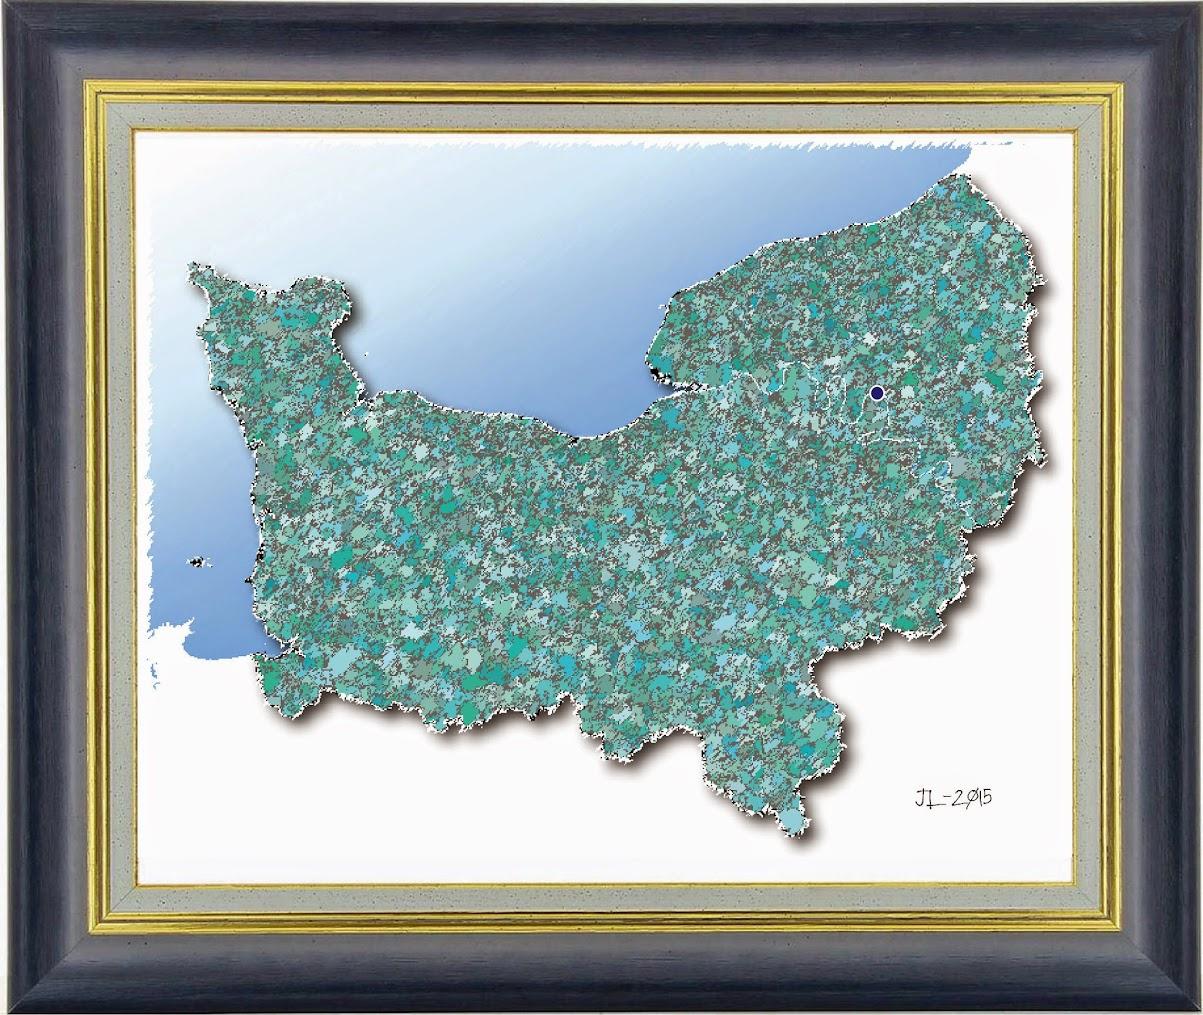 Peintres Ecole De Rouen portrait cartographique de la normandie impressionniste